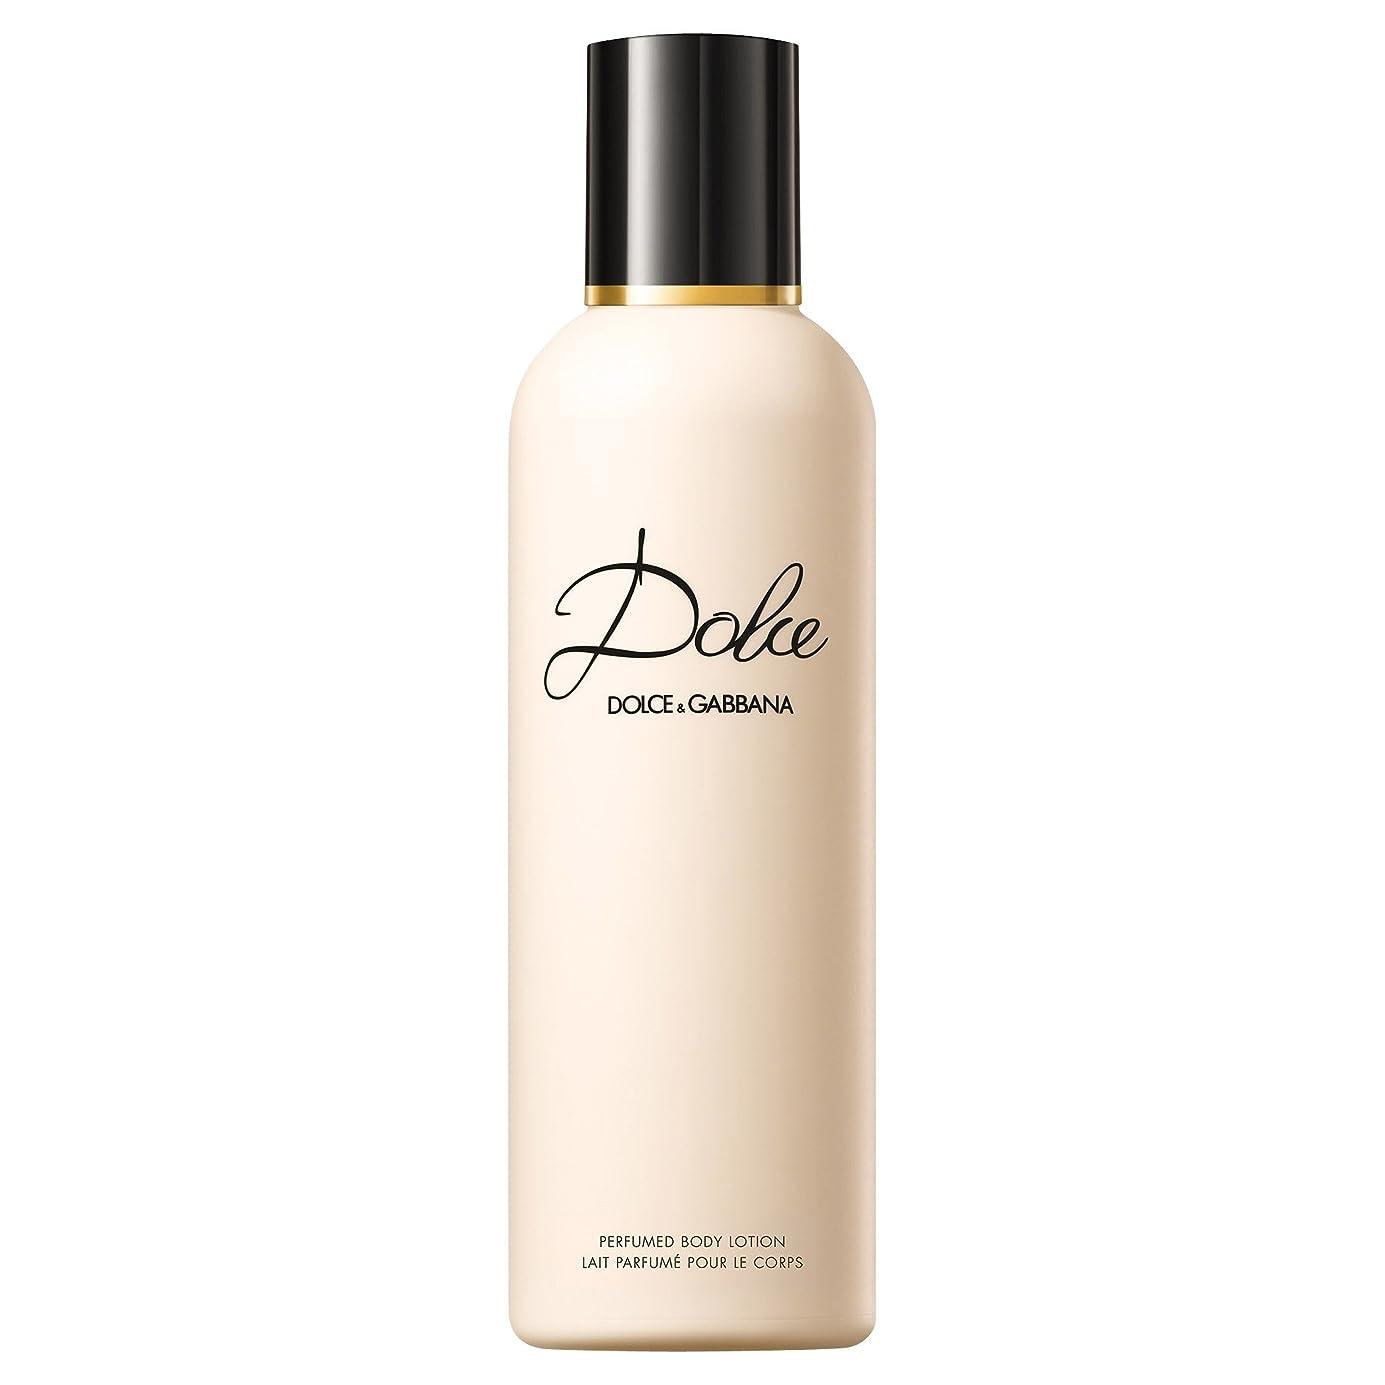 正しく渦隔離するドルチェ&ガッバーナドルチェのボディローション200ミリリットル (Dolce & Gabbana) - Dolce & Gabbana Dolce Body Lotion 200ml [並行輸入品]